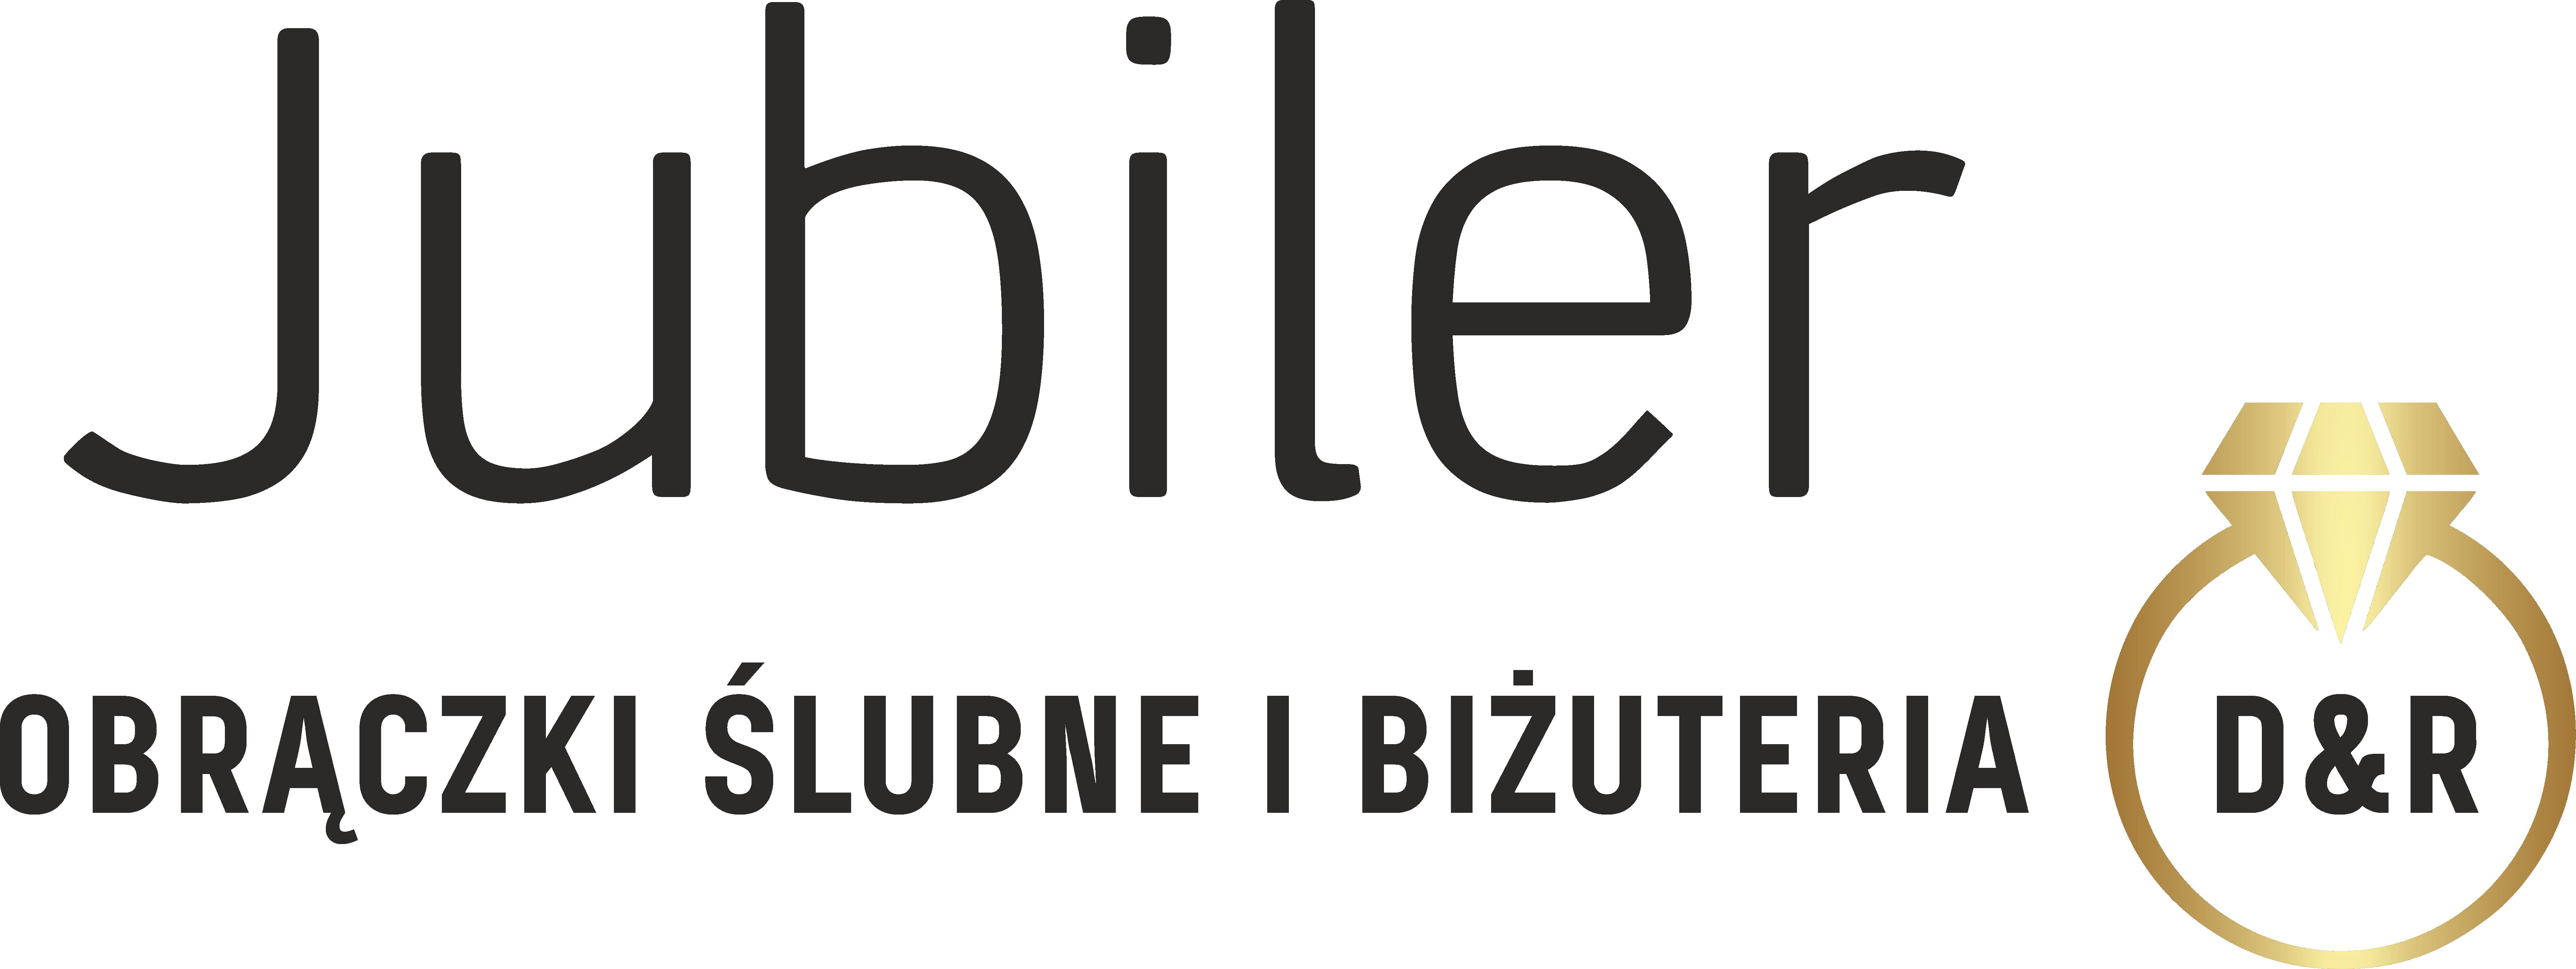 Jubiler D&R sklep w Łodzi szeroki asortyment obrączek ślubnych oraz złotej i srebrnej biżuterii. Pierścionki, kolczyki, wisiorki, medaliki, naszyjniki